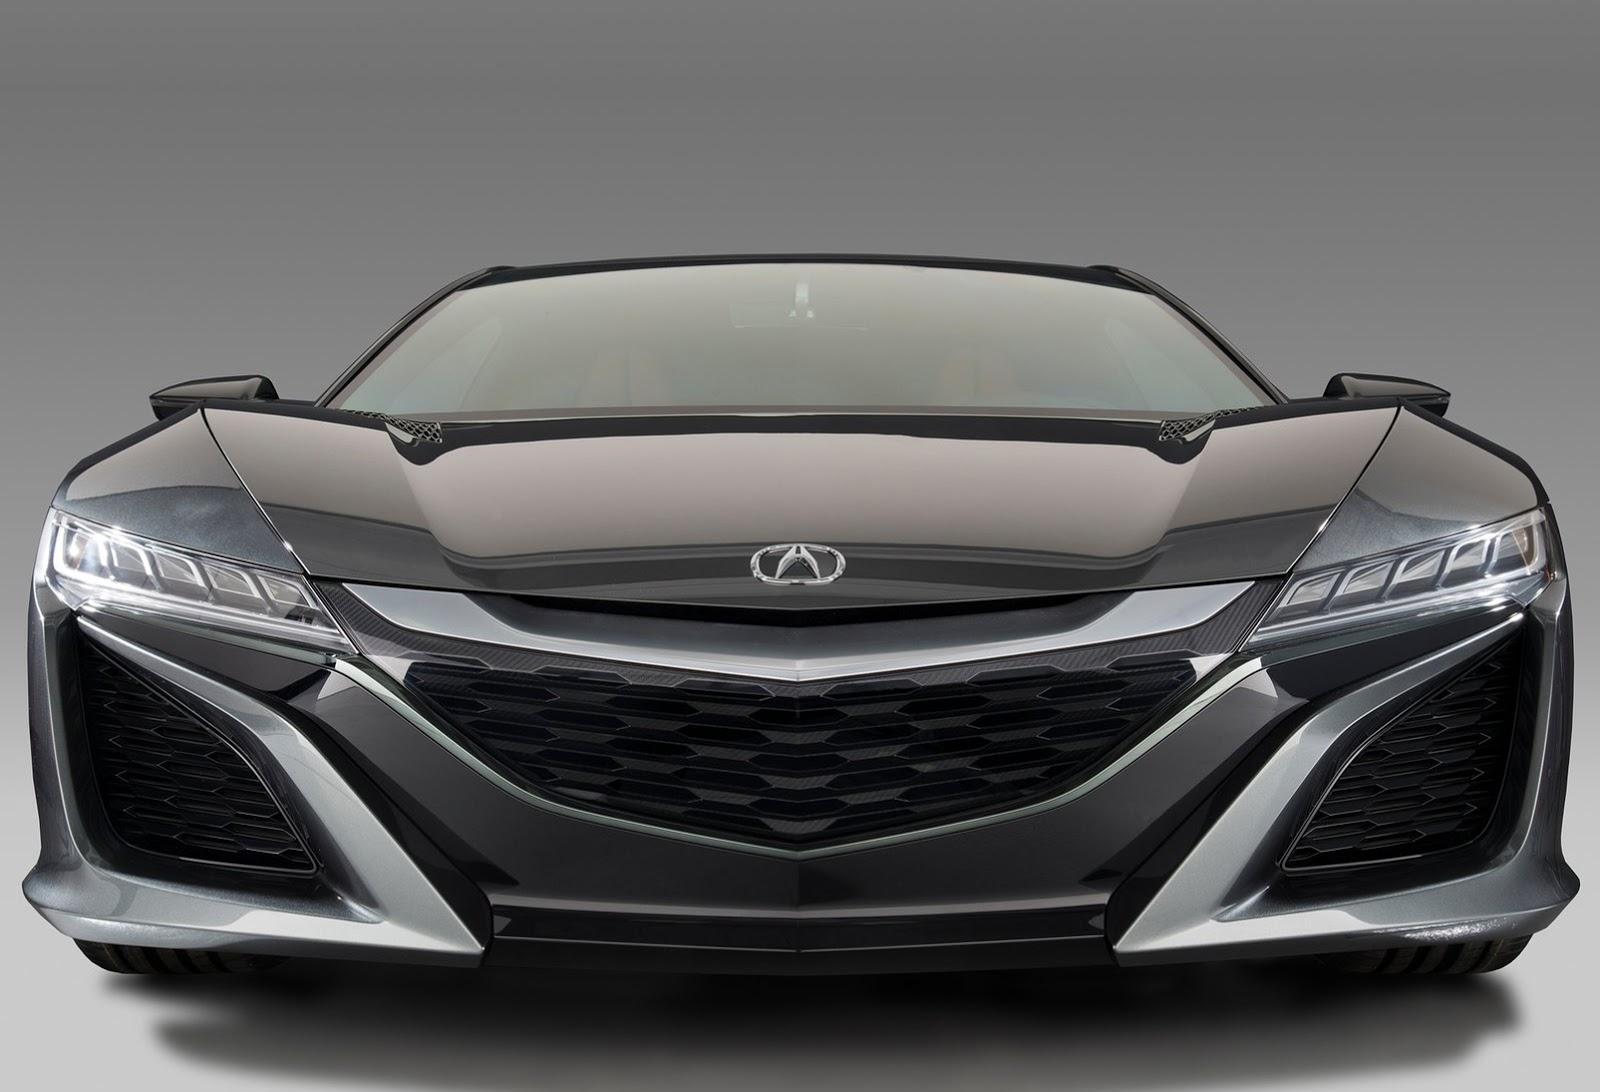 Auto CarGo Transport: Future Car of Acura NSX Concept